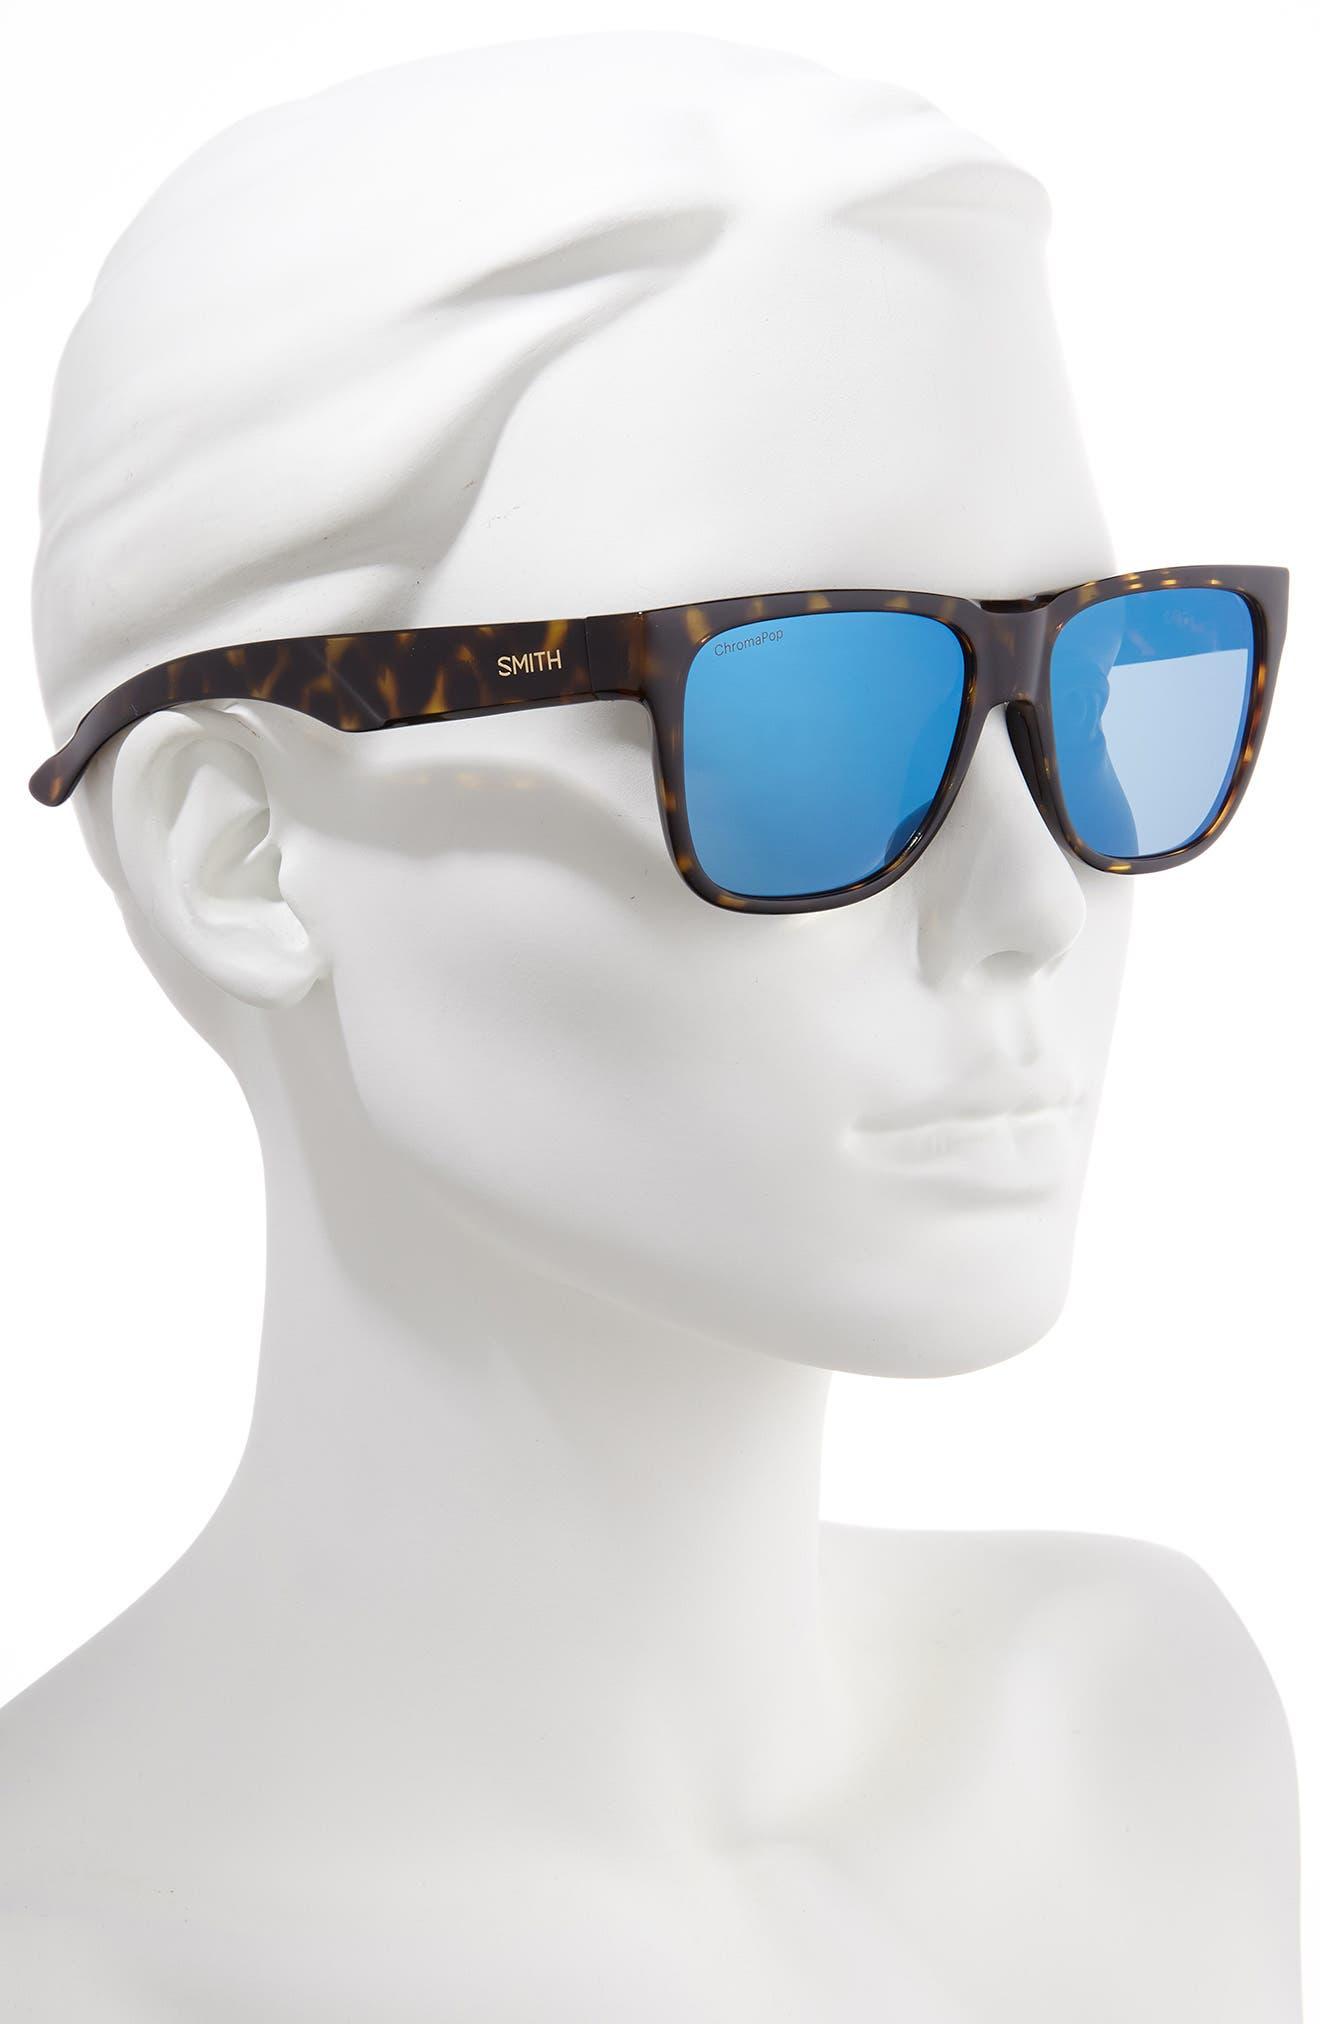 ddd2e99ed9 Brown Smith Optics Sunglasses for Women